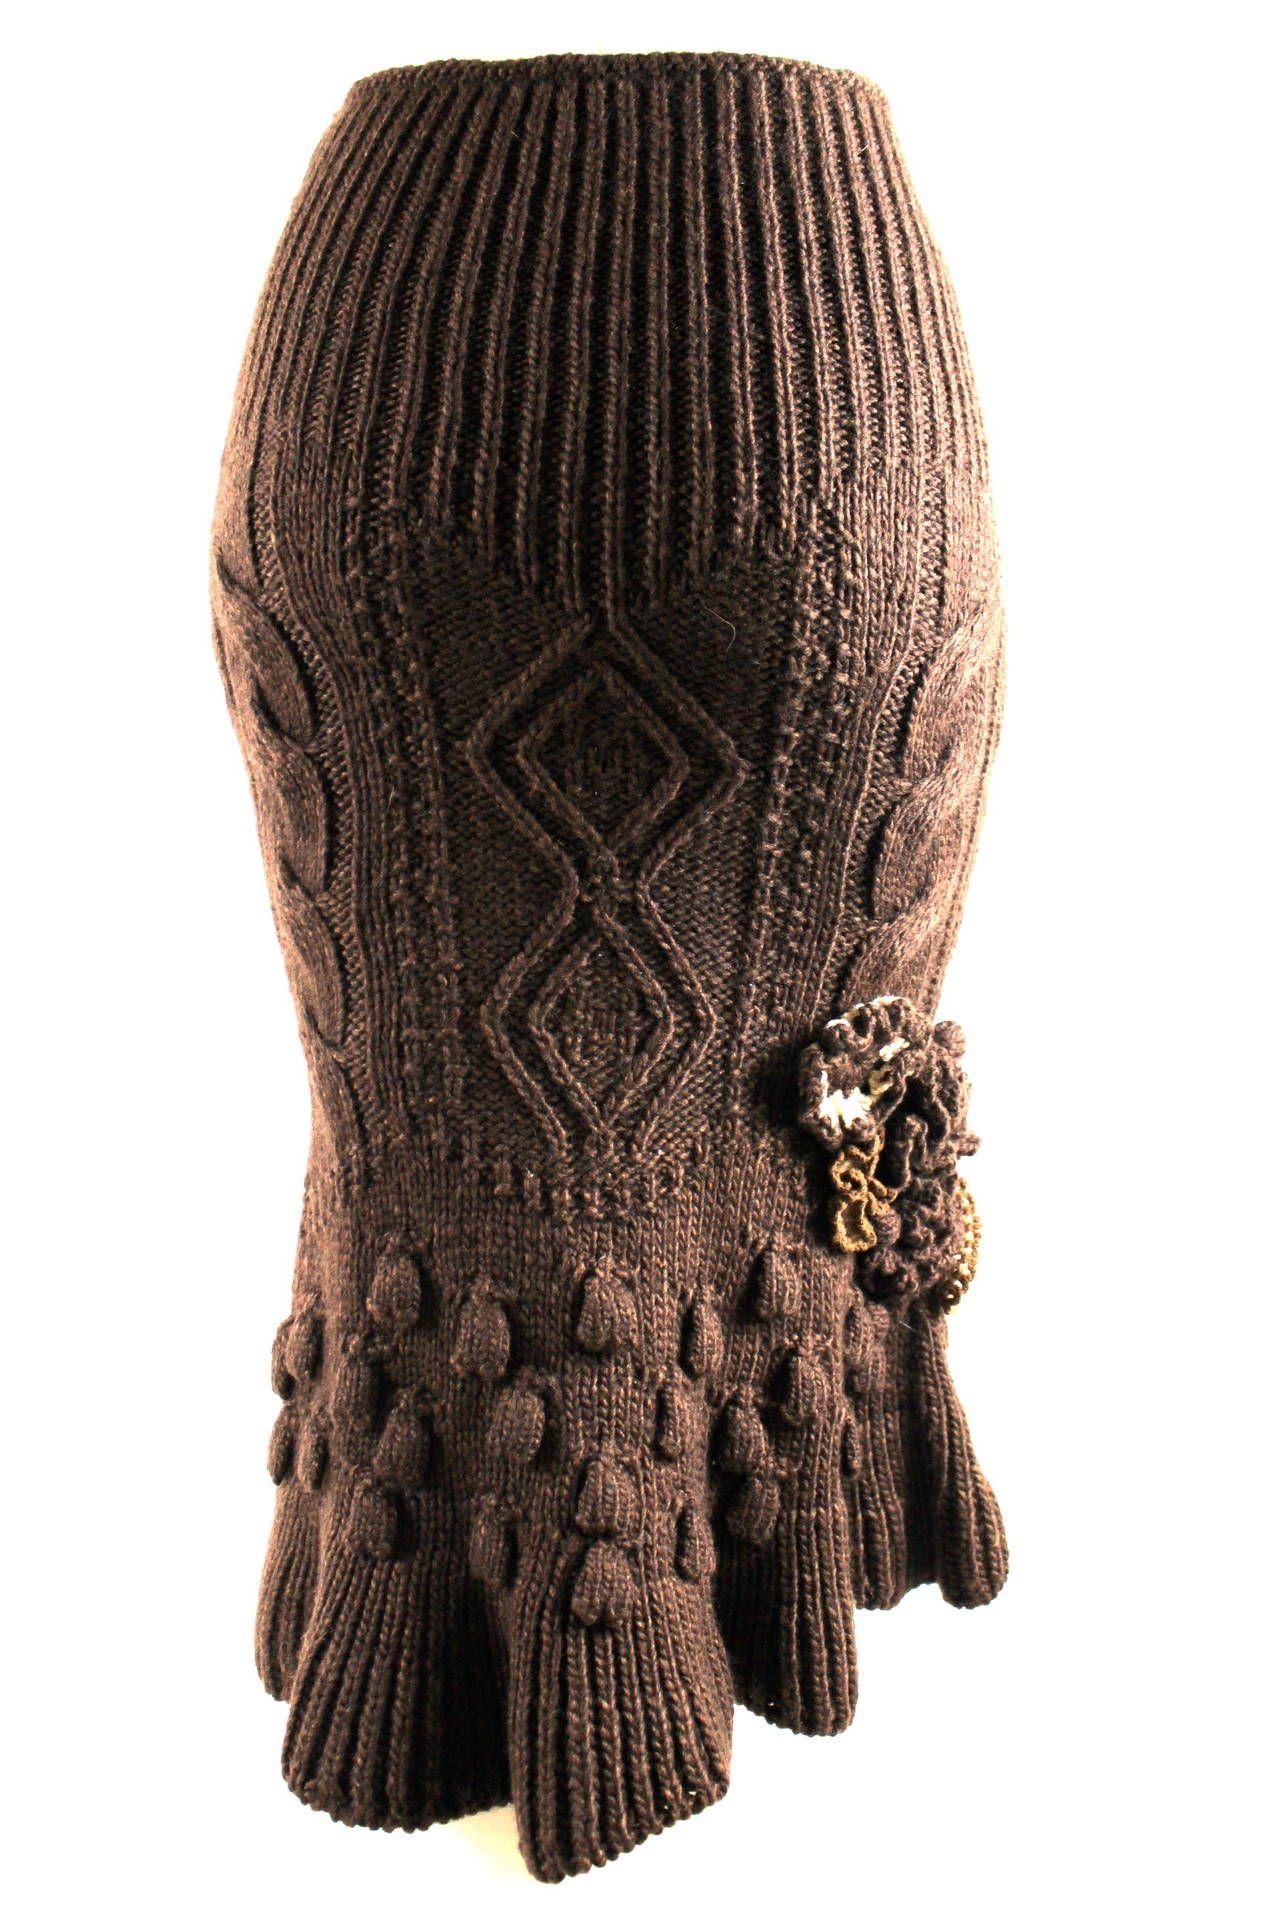 Alexander McQueen knit skirt